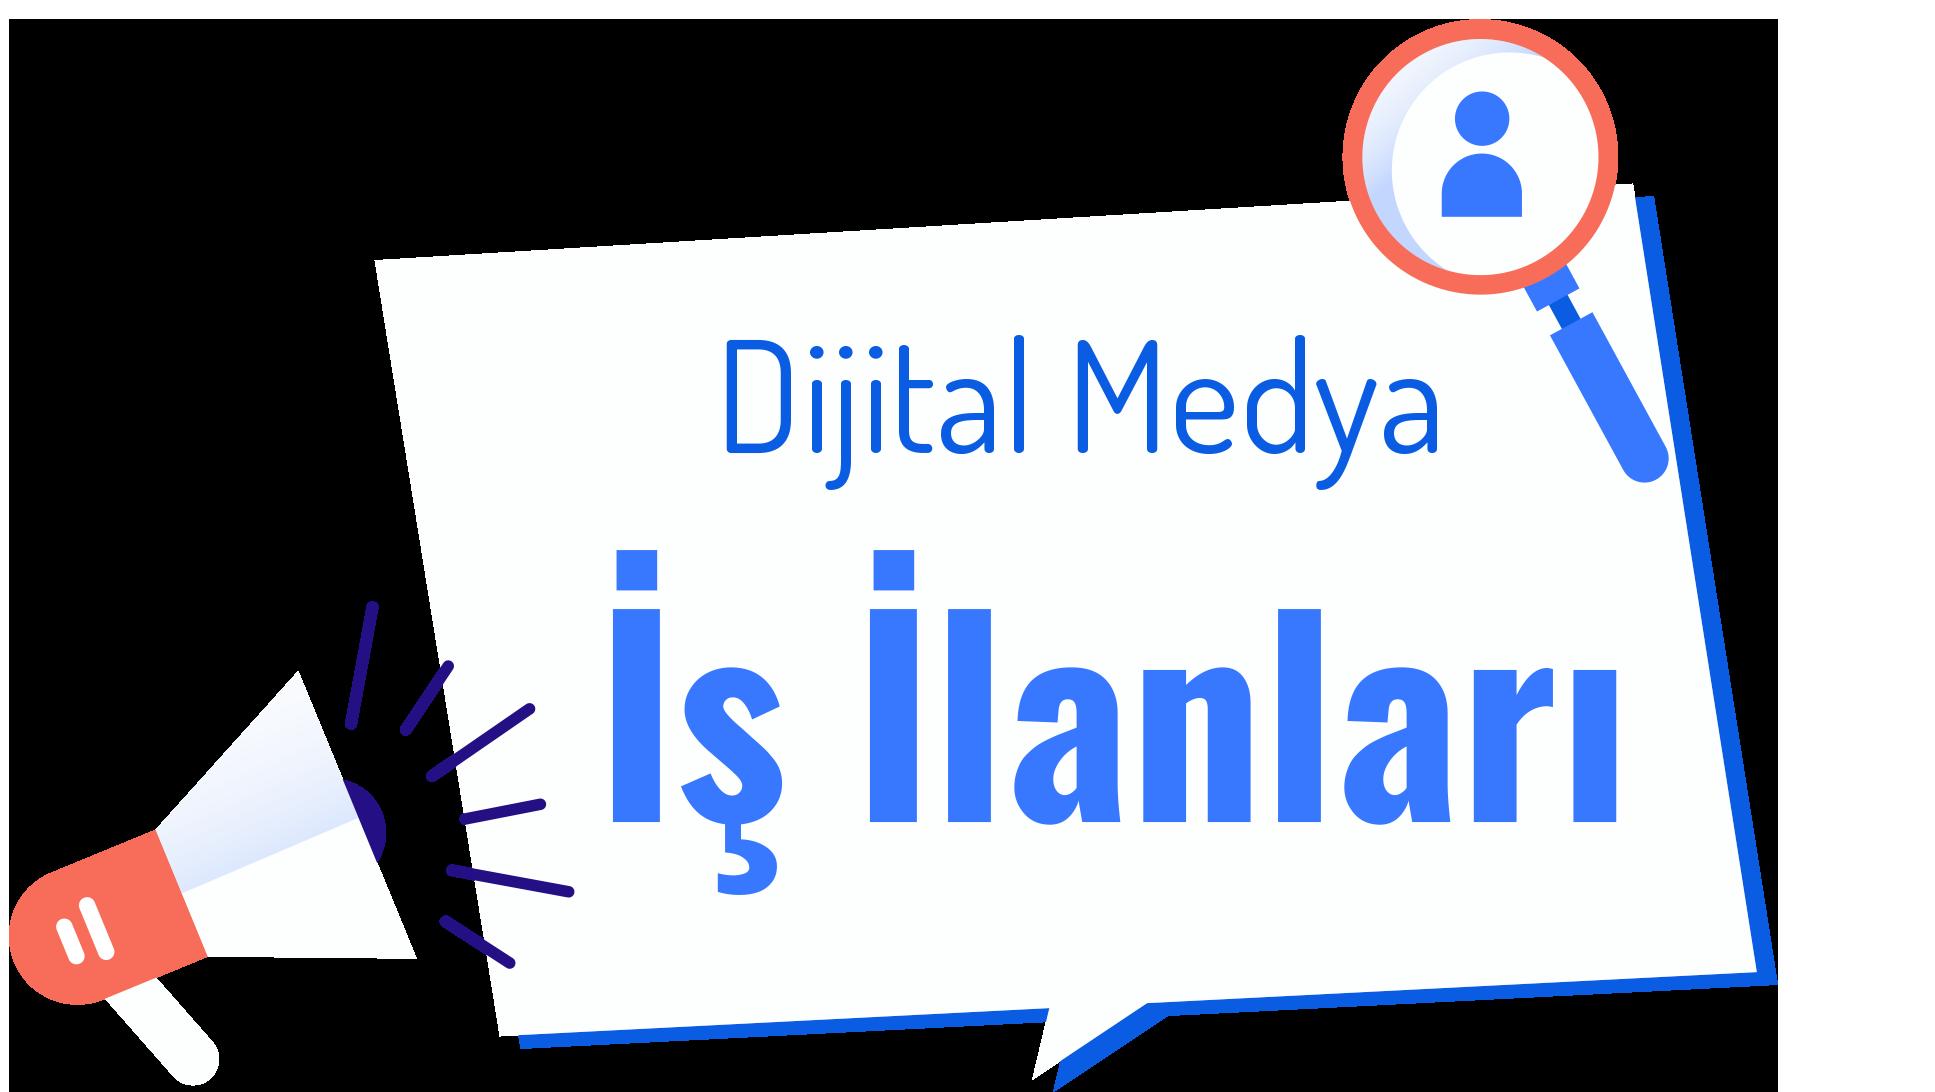 dijital medya iş ilanları